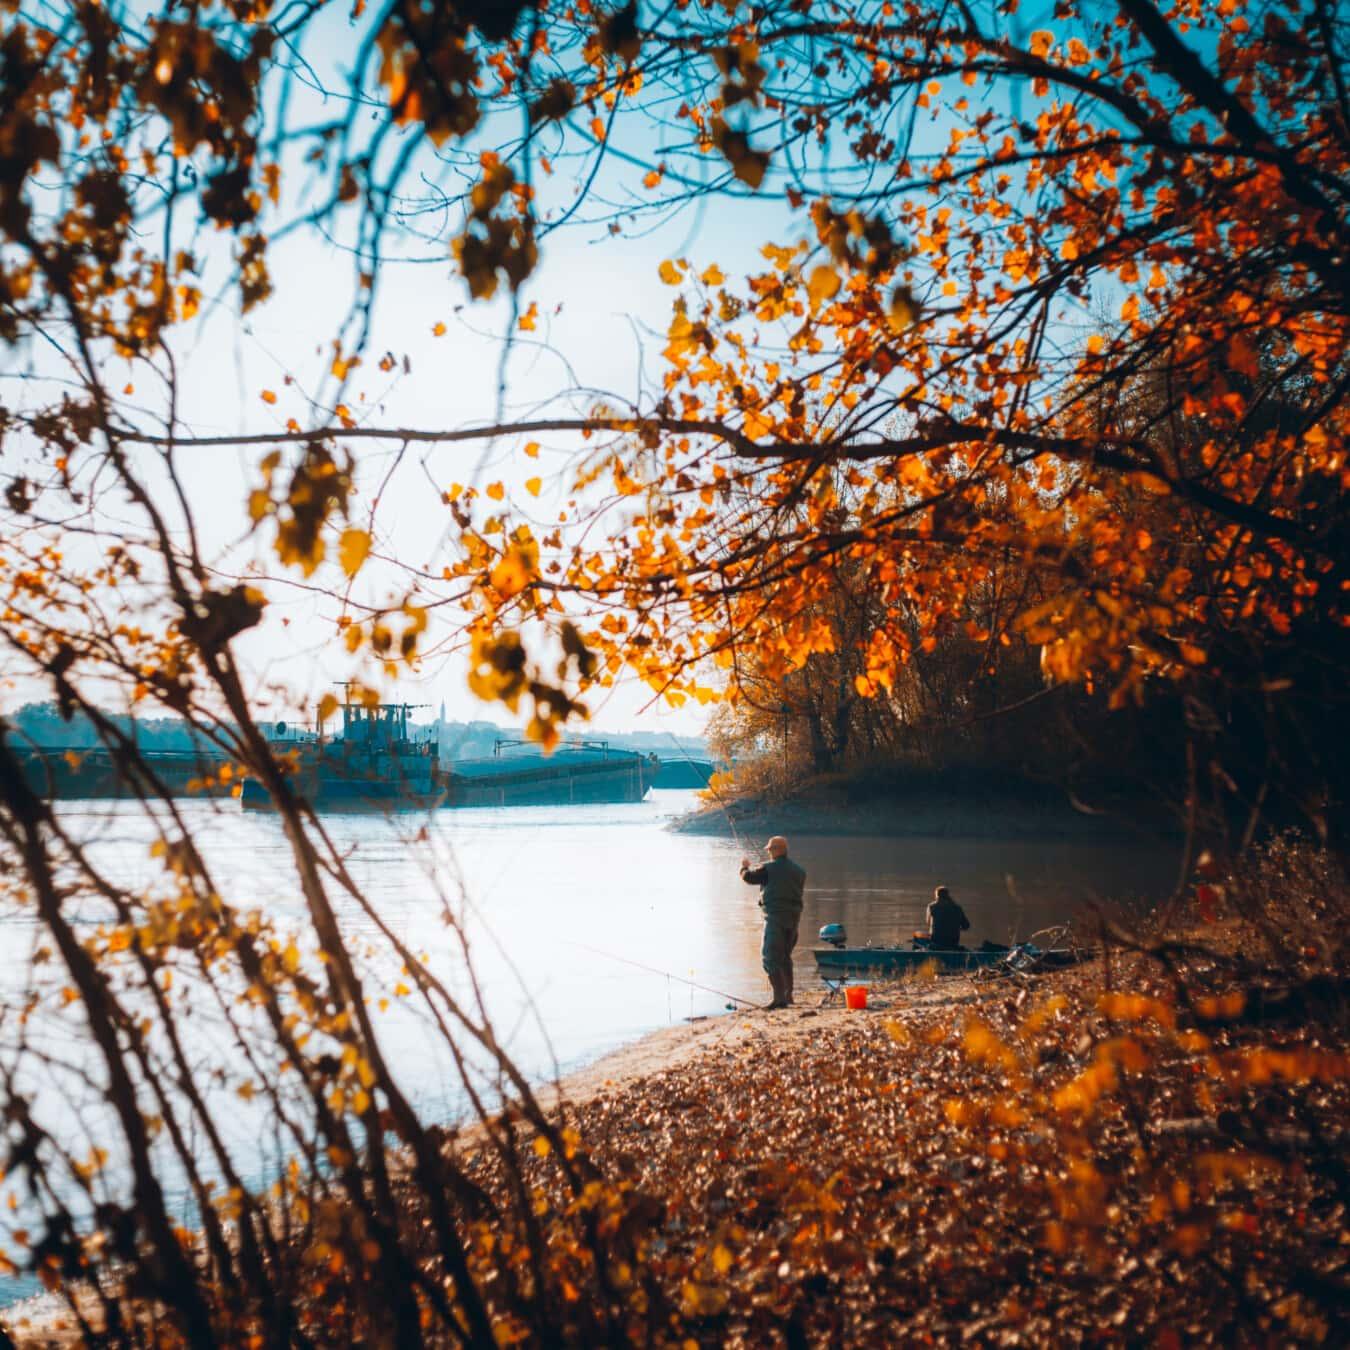 釣り竿, 釣りギア, 釣り, 漁師, 川, 川岸, 秋のシーズン, はしけ, 貨物船, 葉